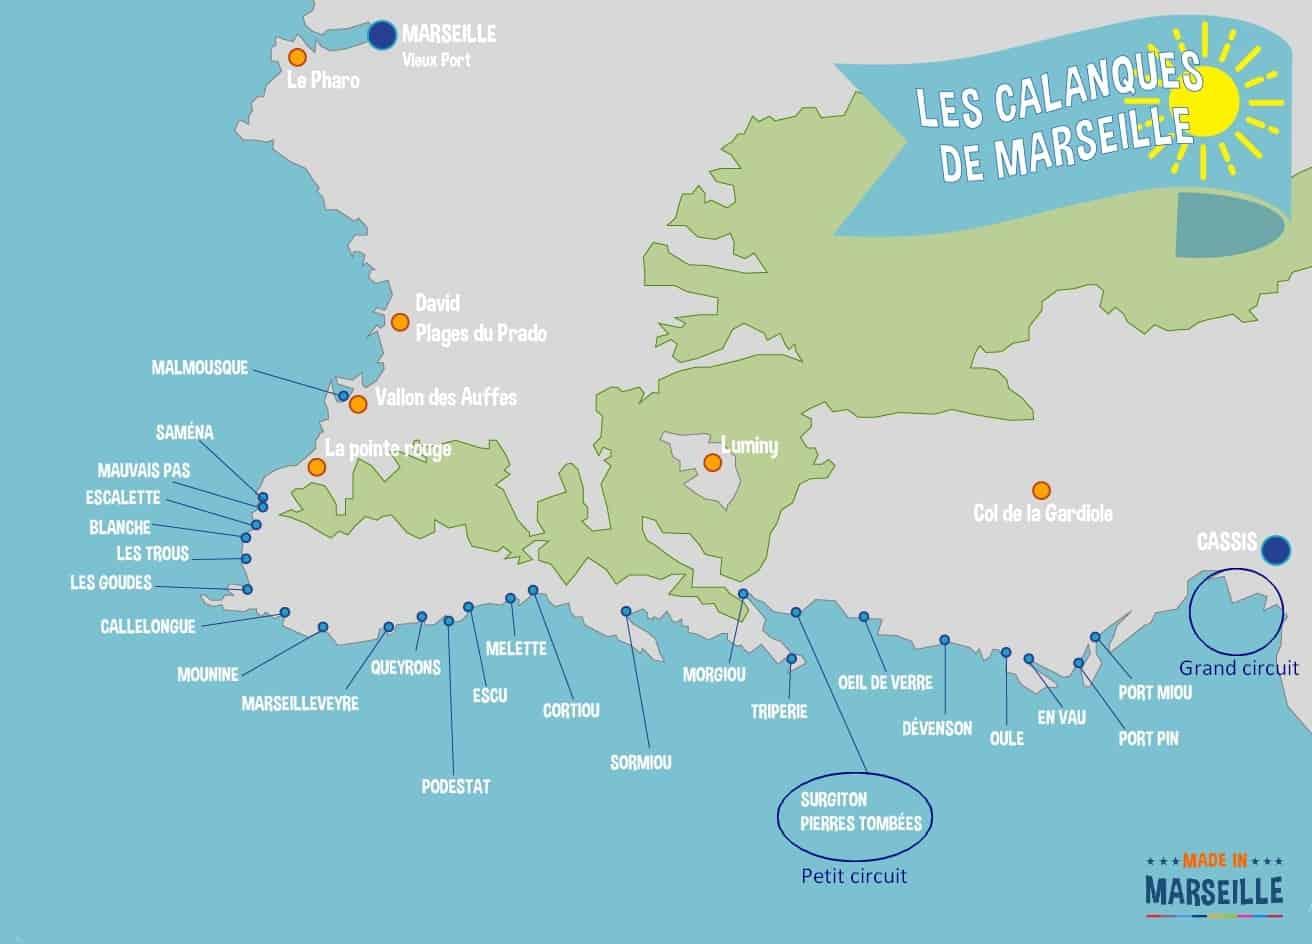 , Découvrez les Calanques par la mer grâce aux excursions en bateau!, Made in Marseille